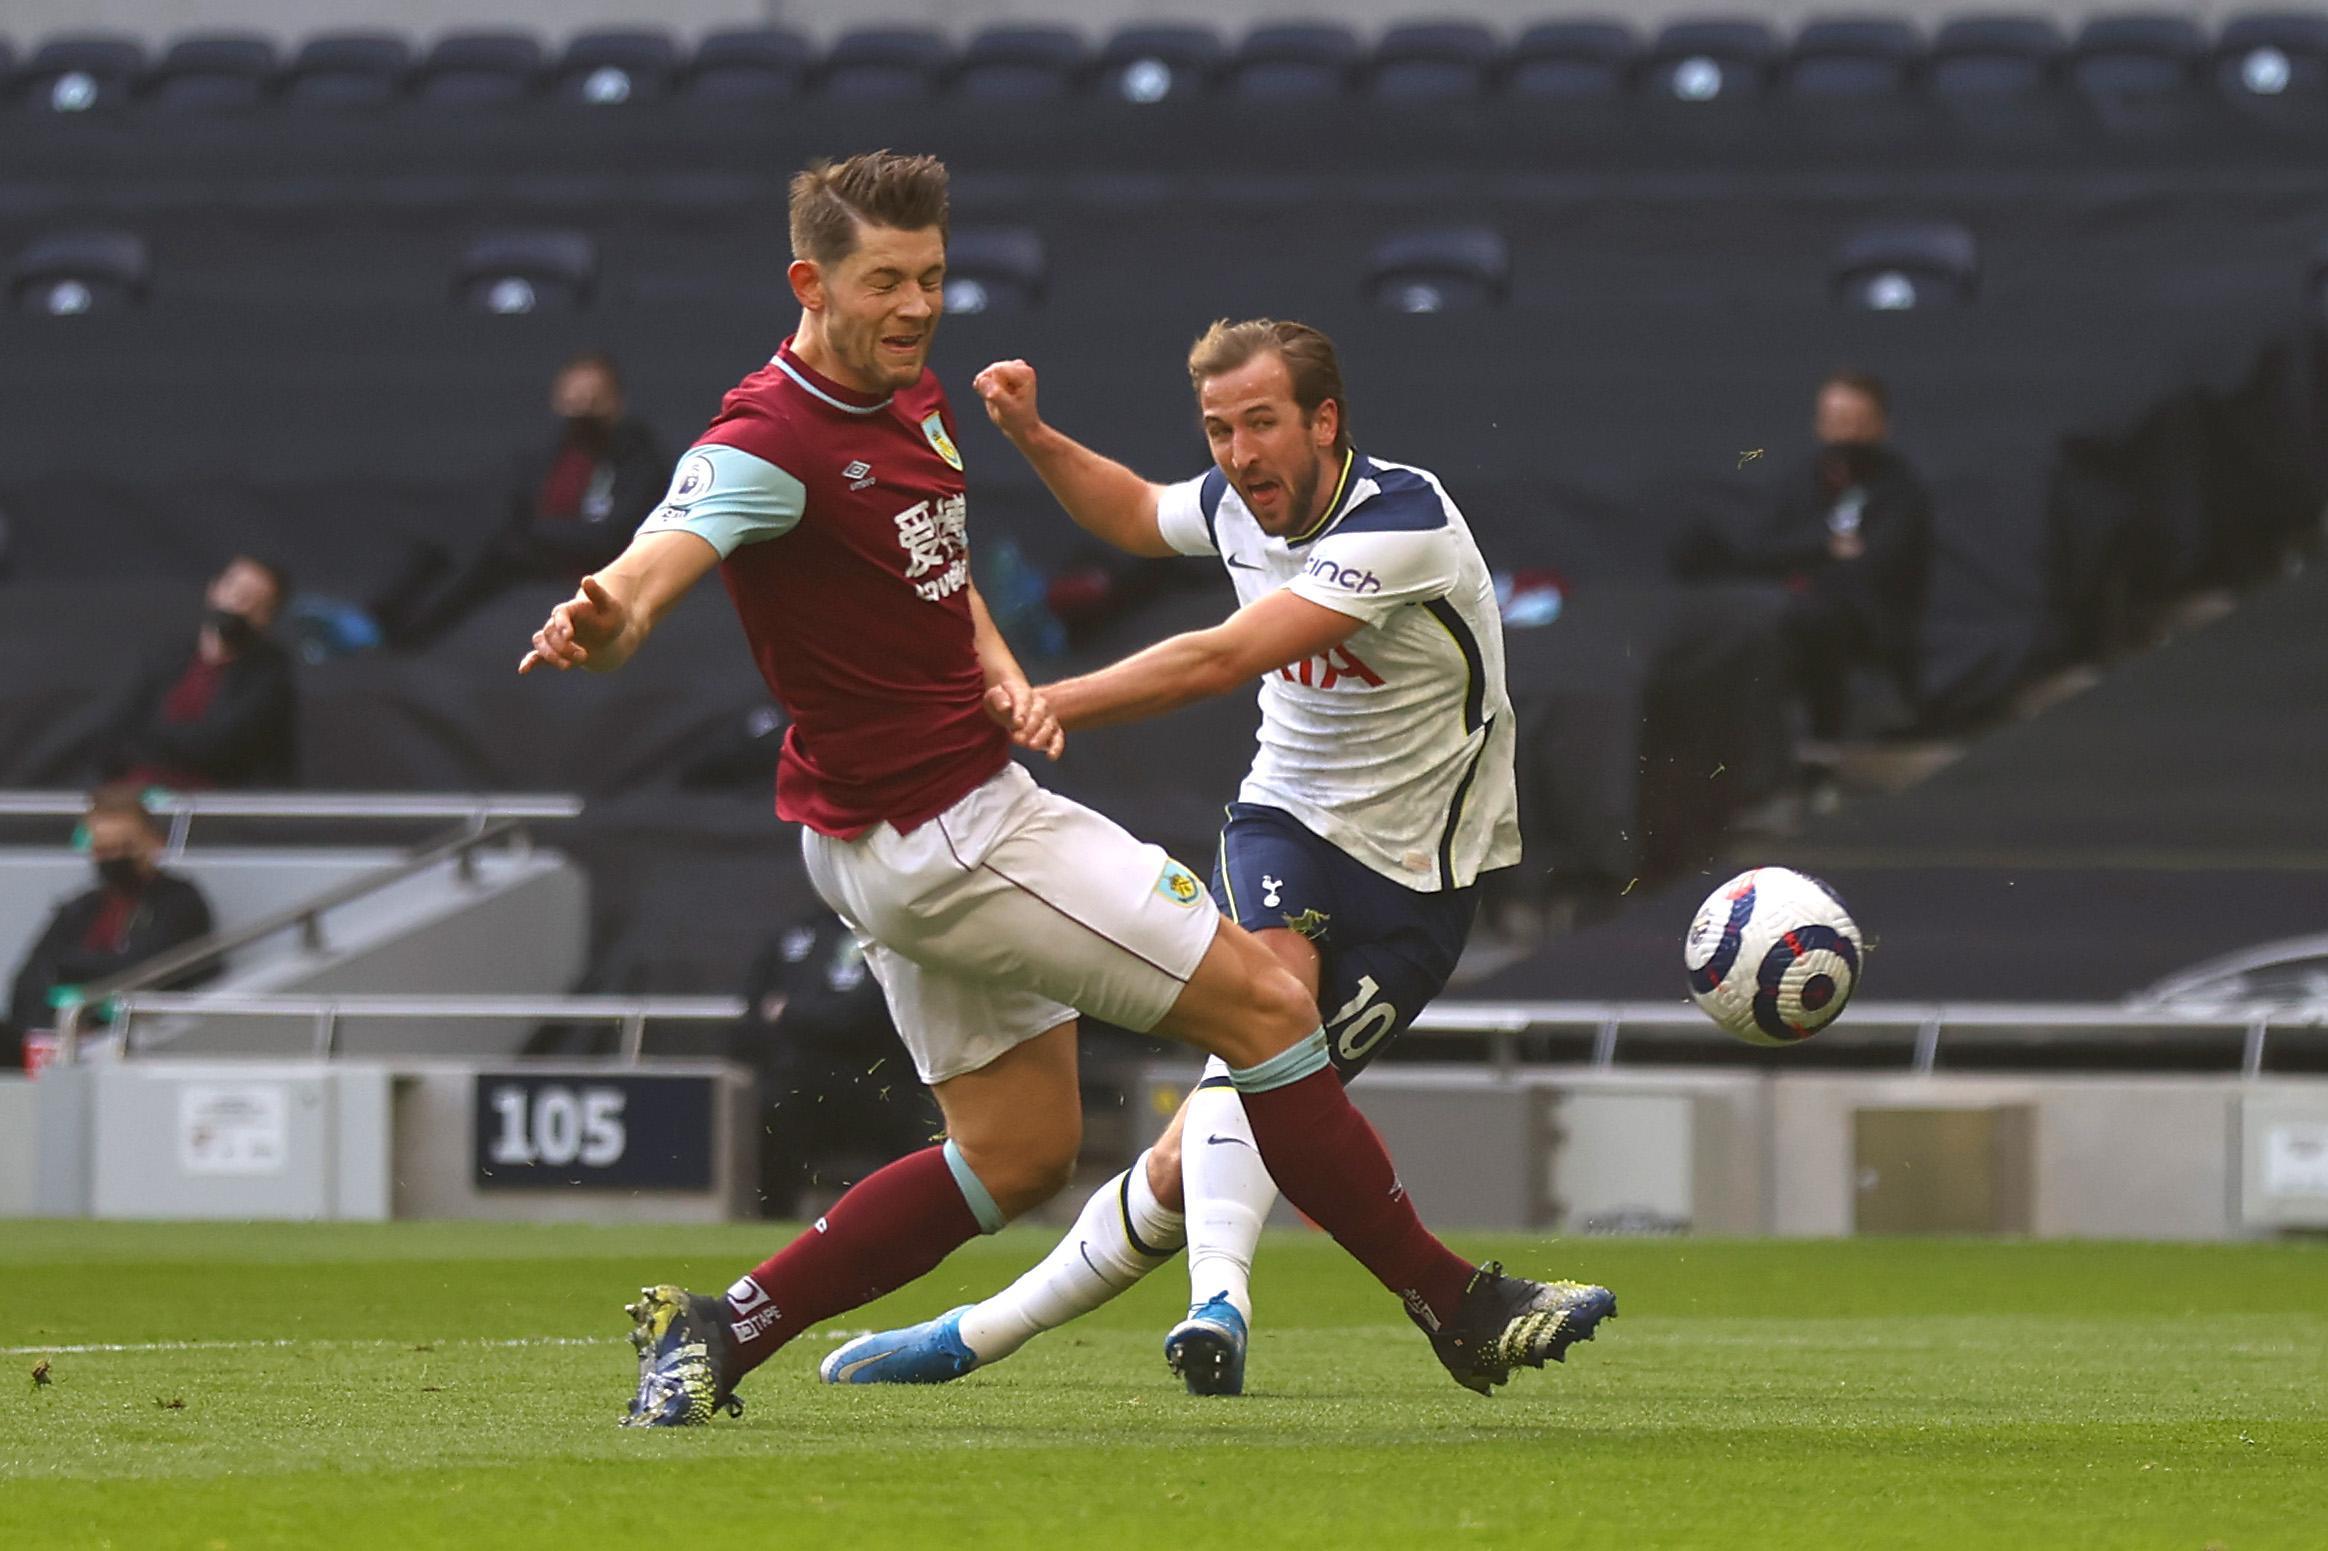 Pertahanan Burnley runtuh dengan kecepatan Tottenham.  Dalam gambar tersebut adalah situasi dimana Kane menaikkan skor menjadi 2-0.  Foto: Twitter / Liga Inggris